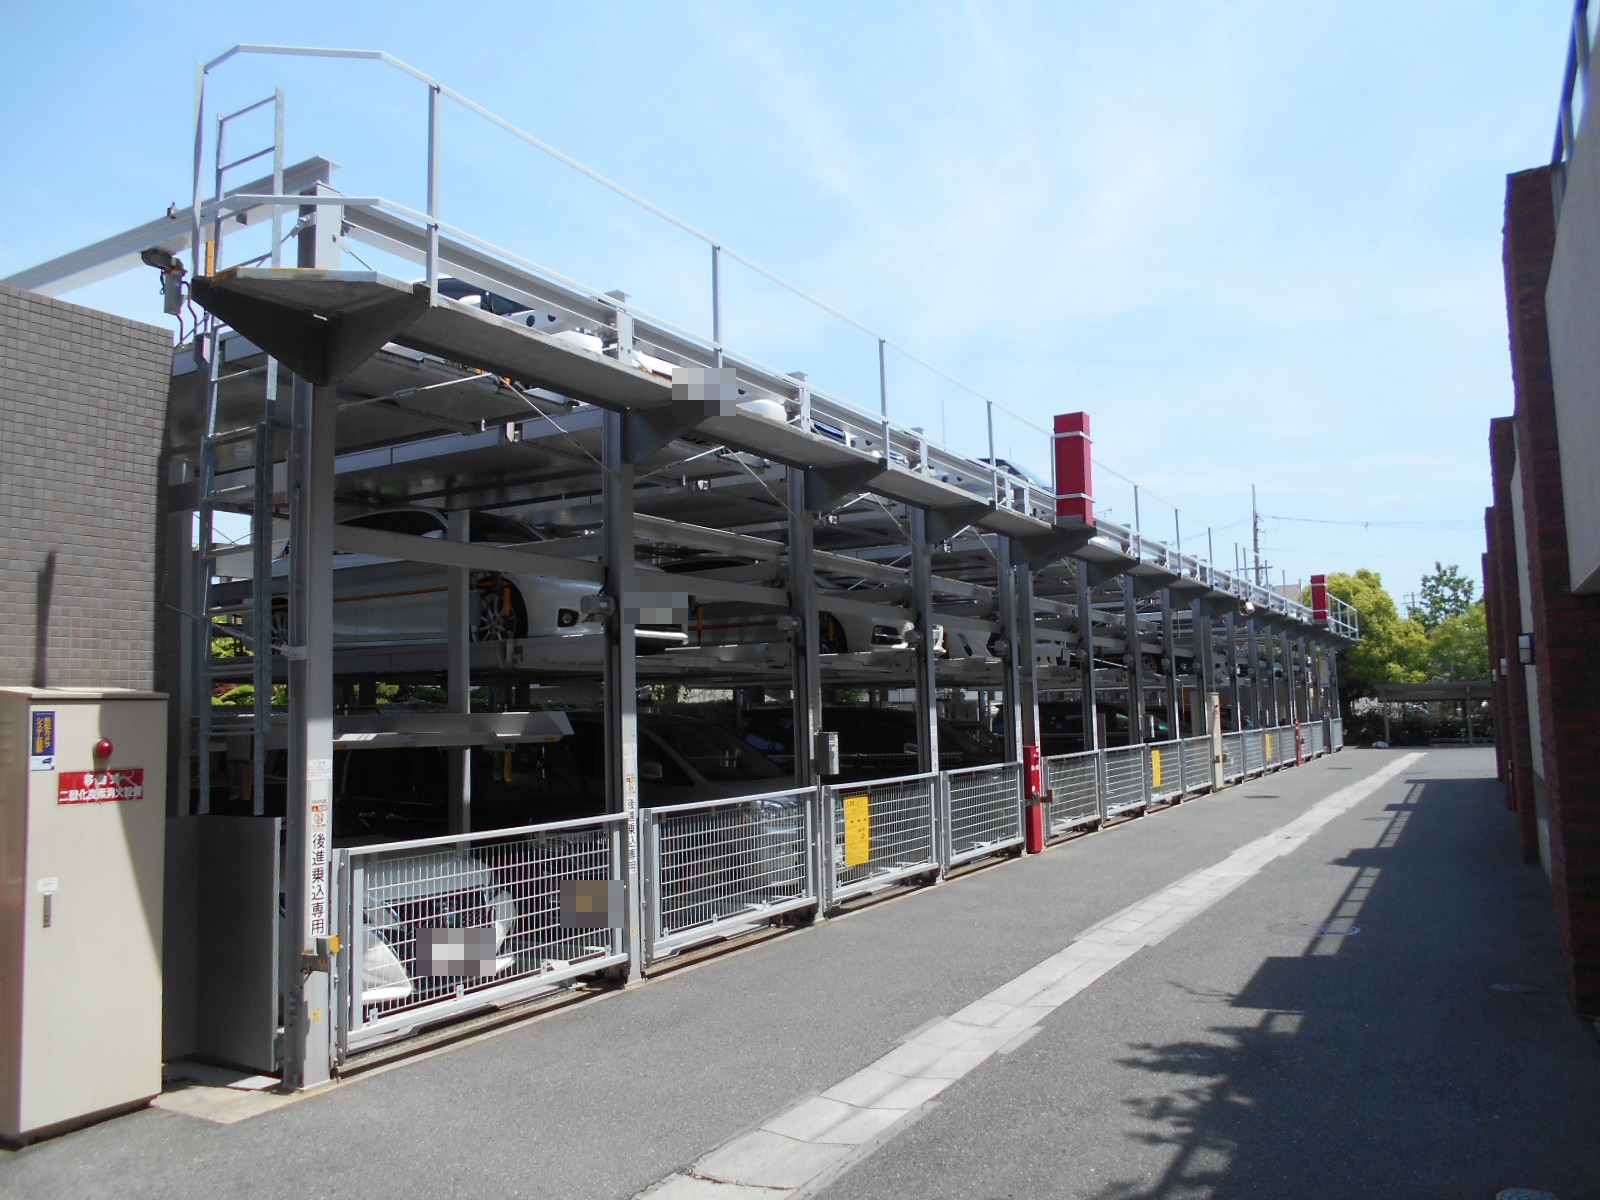 2019年6月度 41件の立体駐車場メンテナンス新規受託を頂きました!